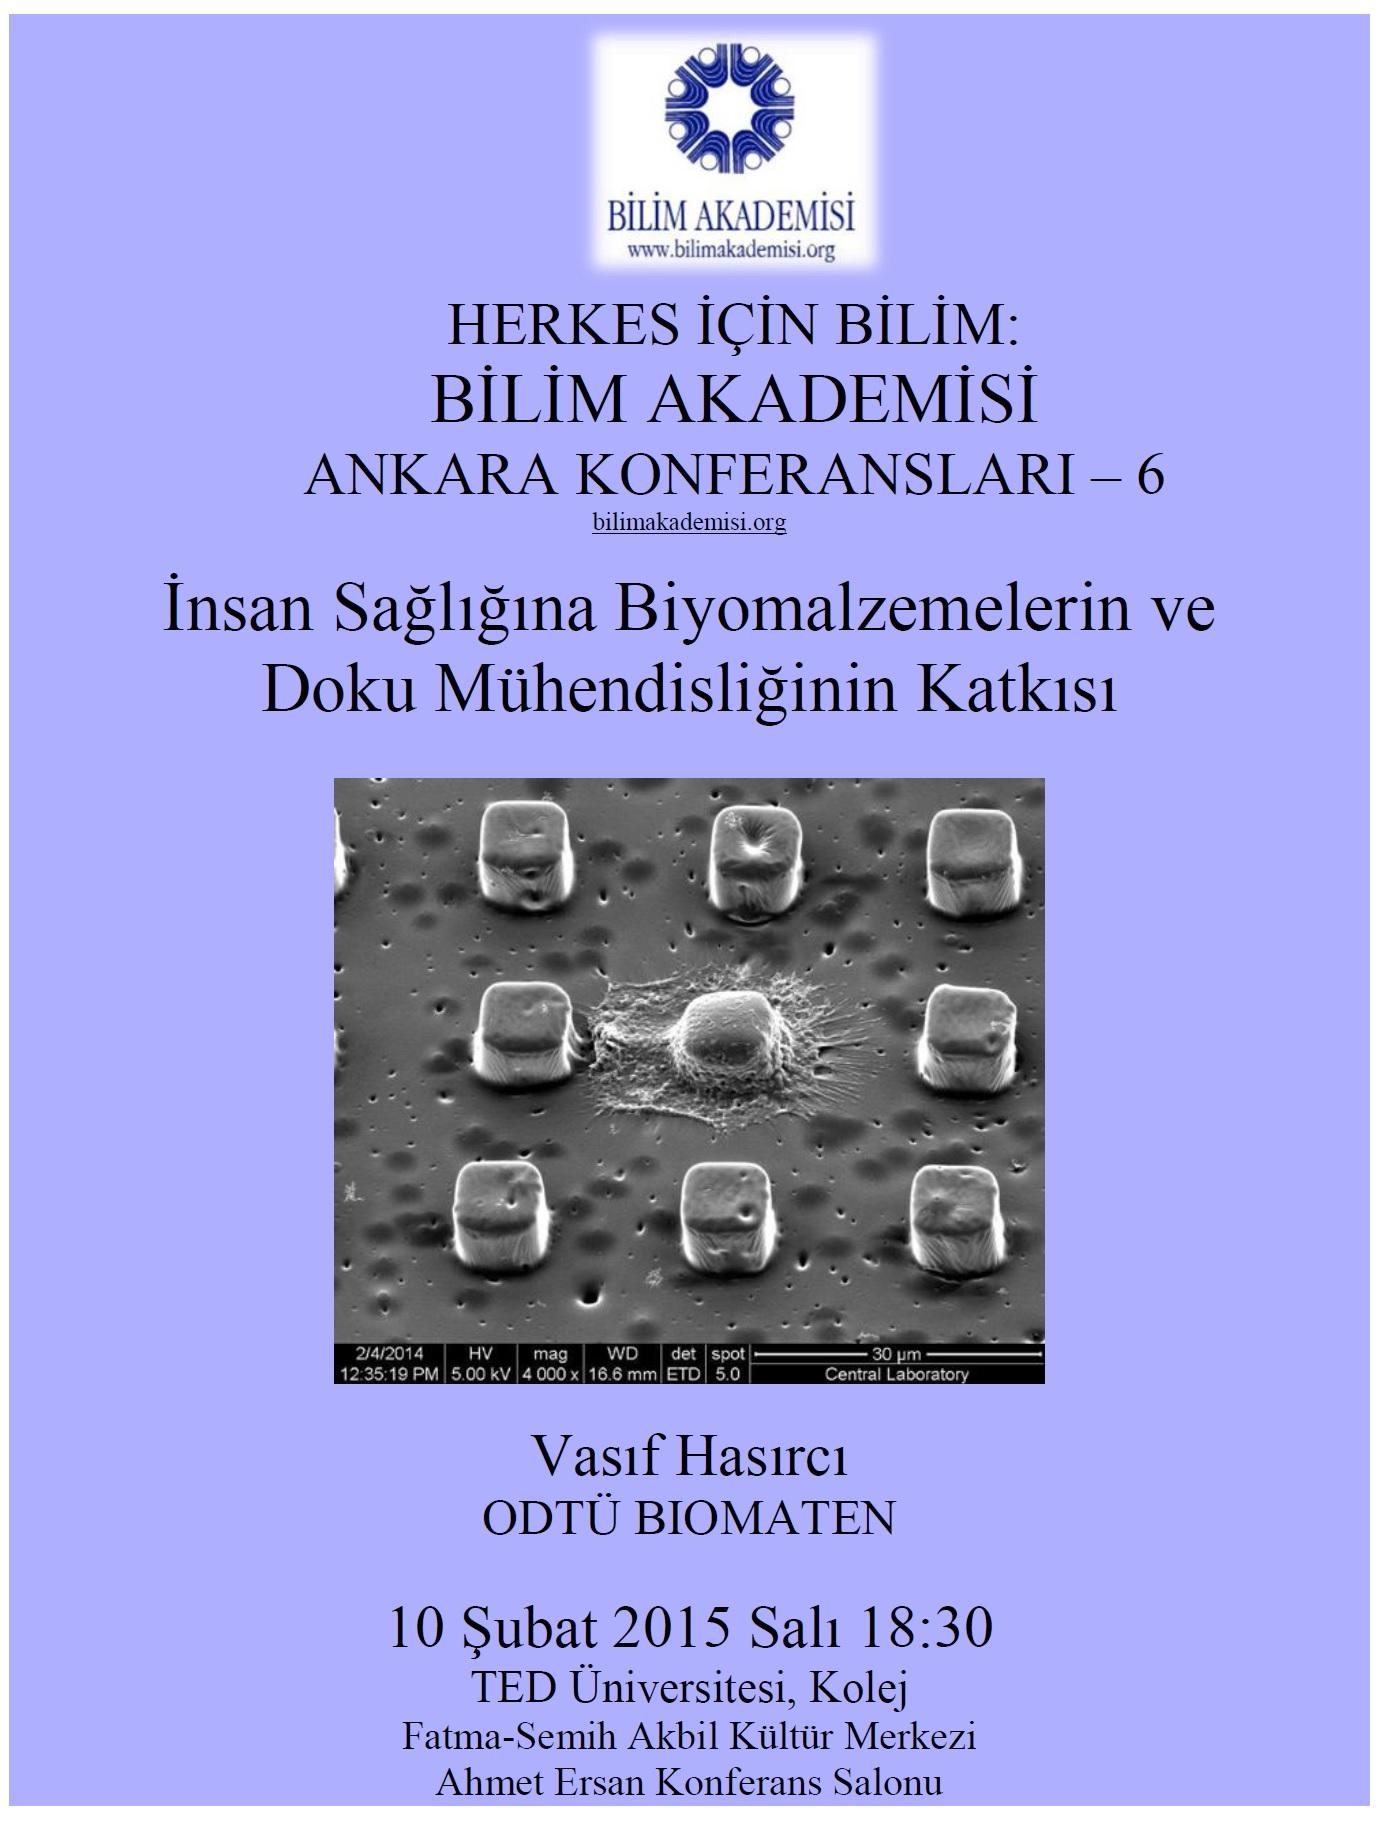 İnsan Sağlığına Biyomalzemelerin ve Doku Mühendisliğinin Katkıları - Konuşmacı : Vasıf Hasırcı